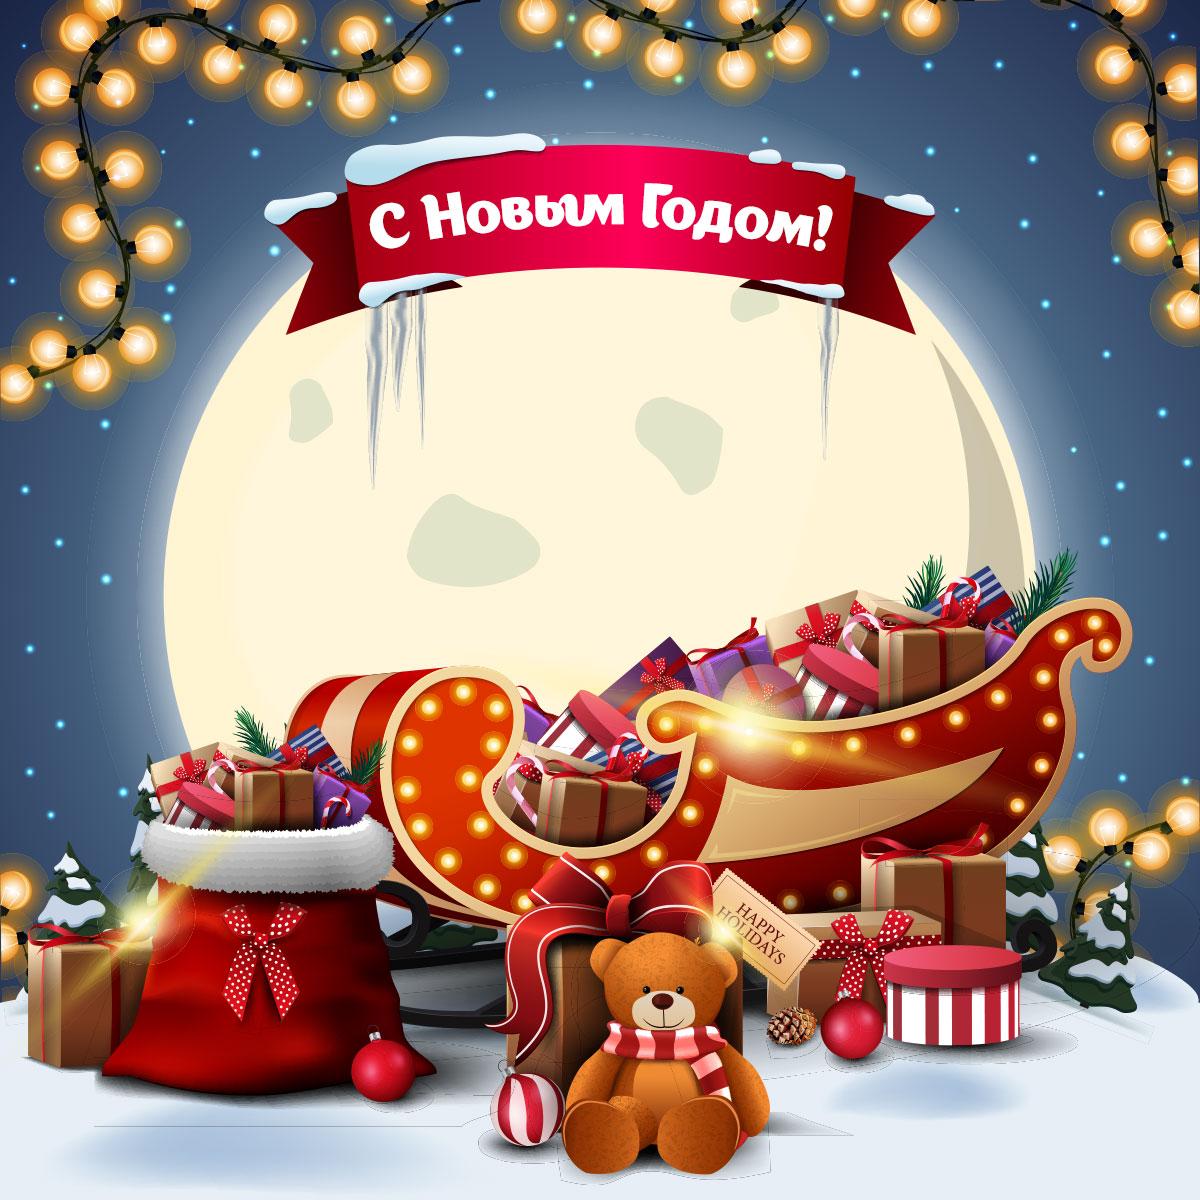 Картинка поздравляю с новым годом с санками деда мороза, рождественскими подарками, игрушками и светящейся луной на фоне ночного неба.